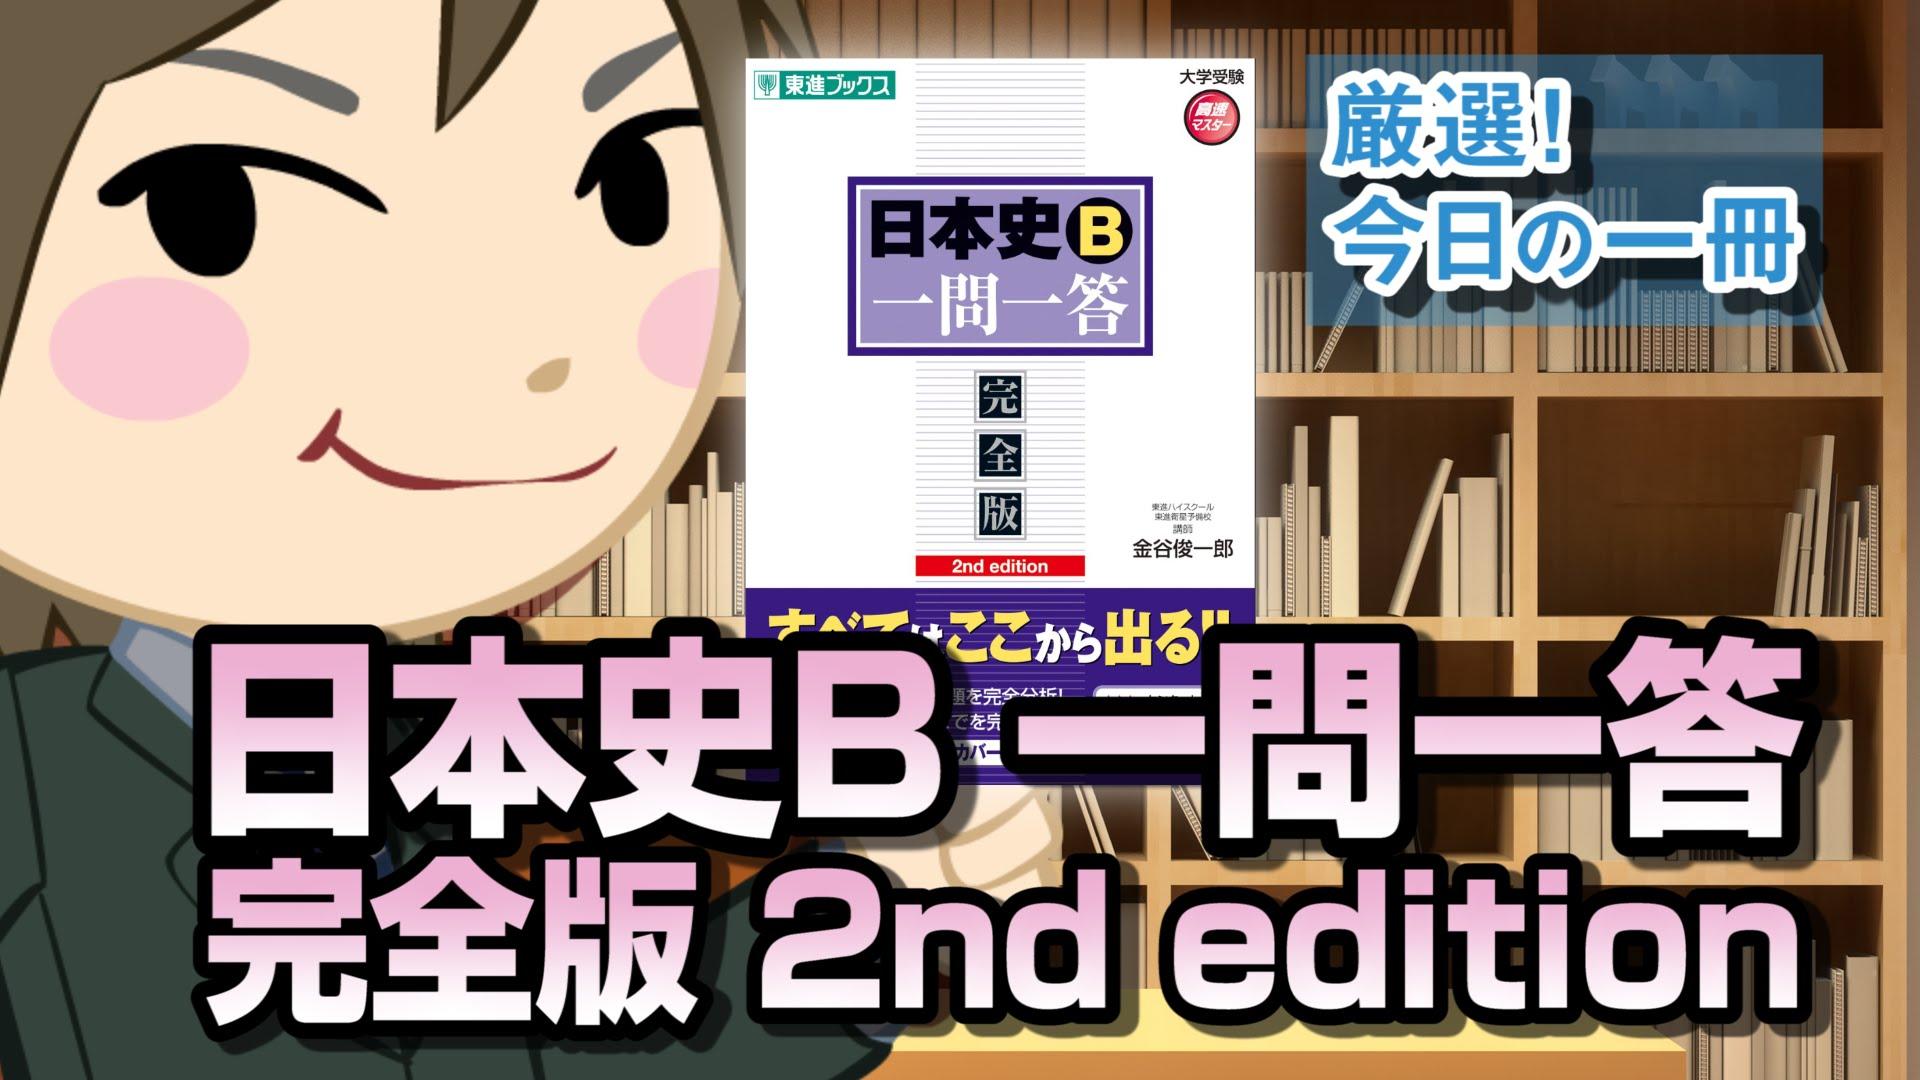 日本史B一問一答 完全版 2nd edition|武田塾厳選! 今日の一冊